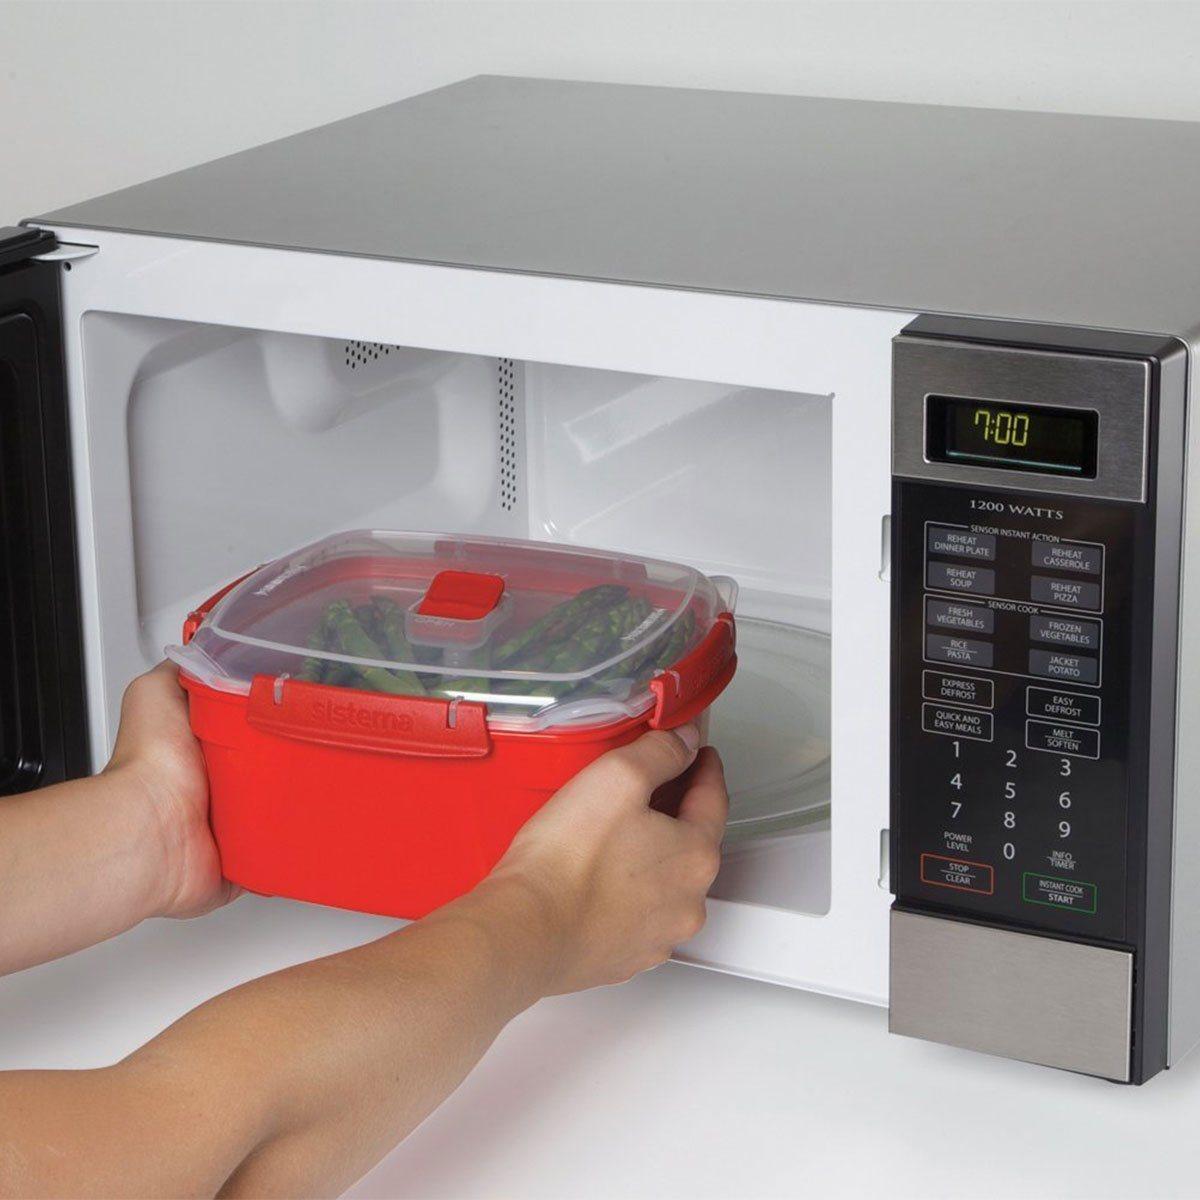 Mikrowelle Dampfgaren Preisvergleich • Die besten Angebote